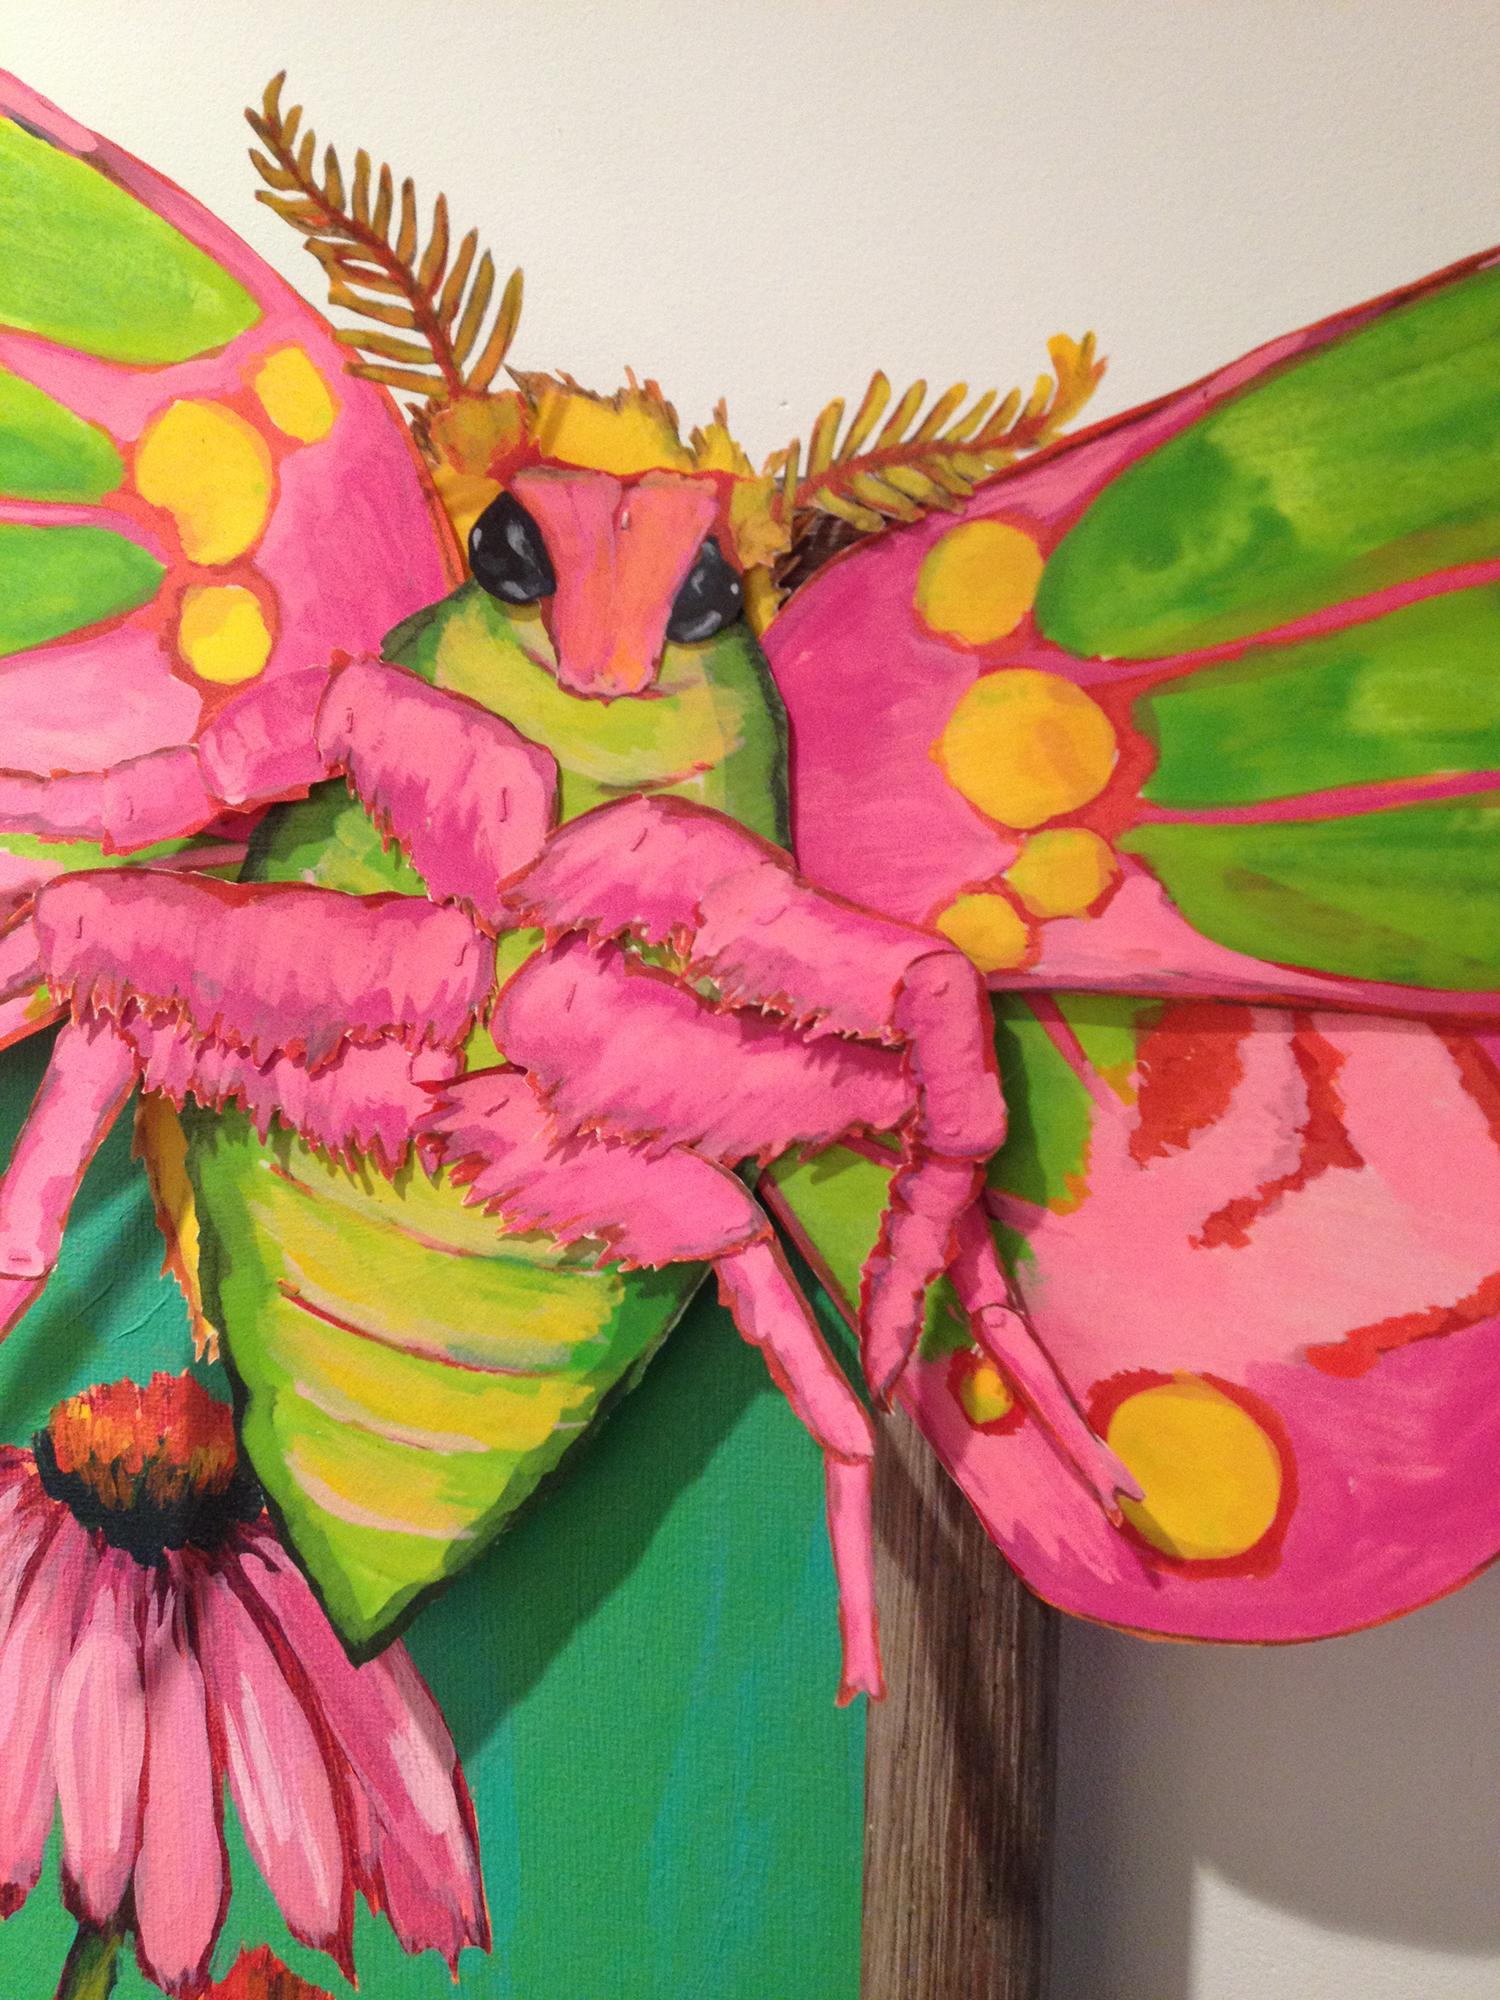 Elisabeth Gambino, Tantrum in nectar (detail)